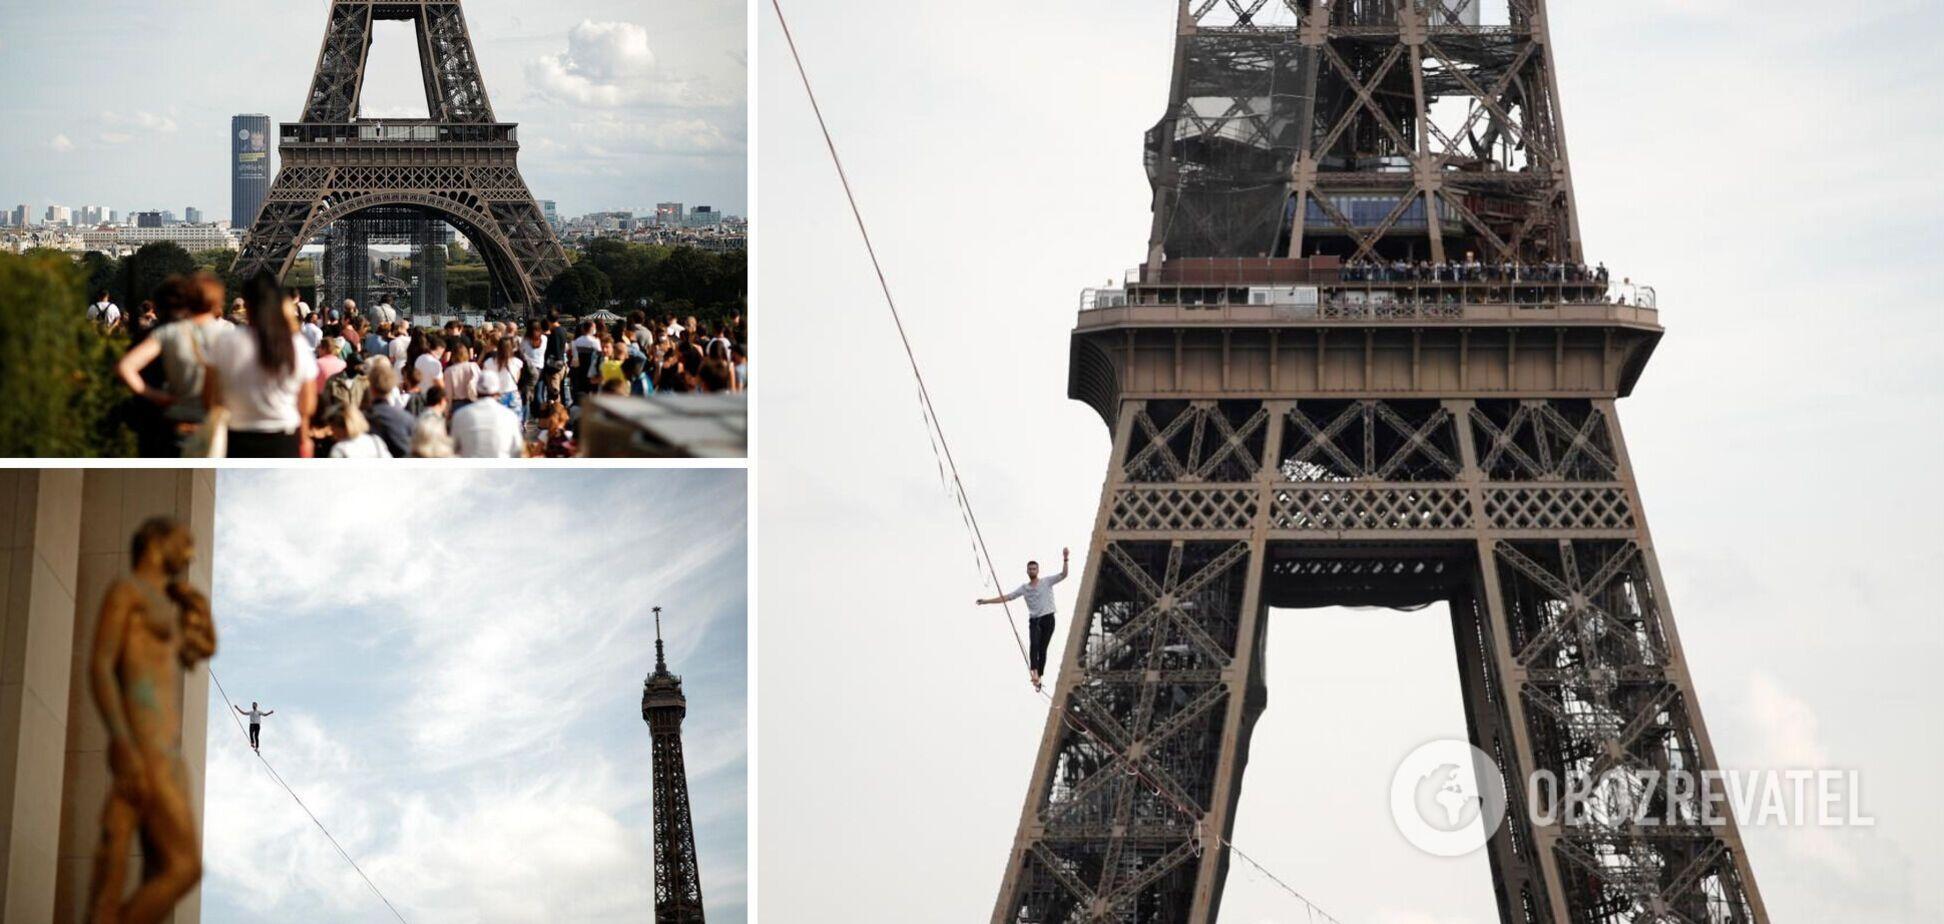 Канатоходець пройшов по тросу, натягнутому між Ейфелевою вежею і театром на висоті 70 метрів. Фото і відео